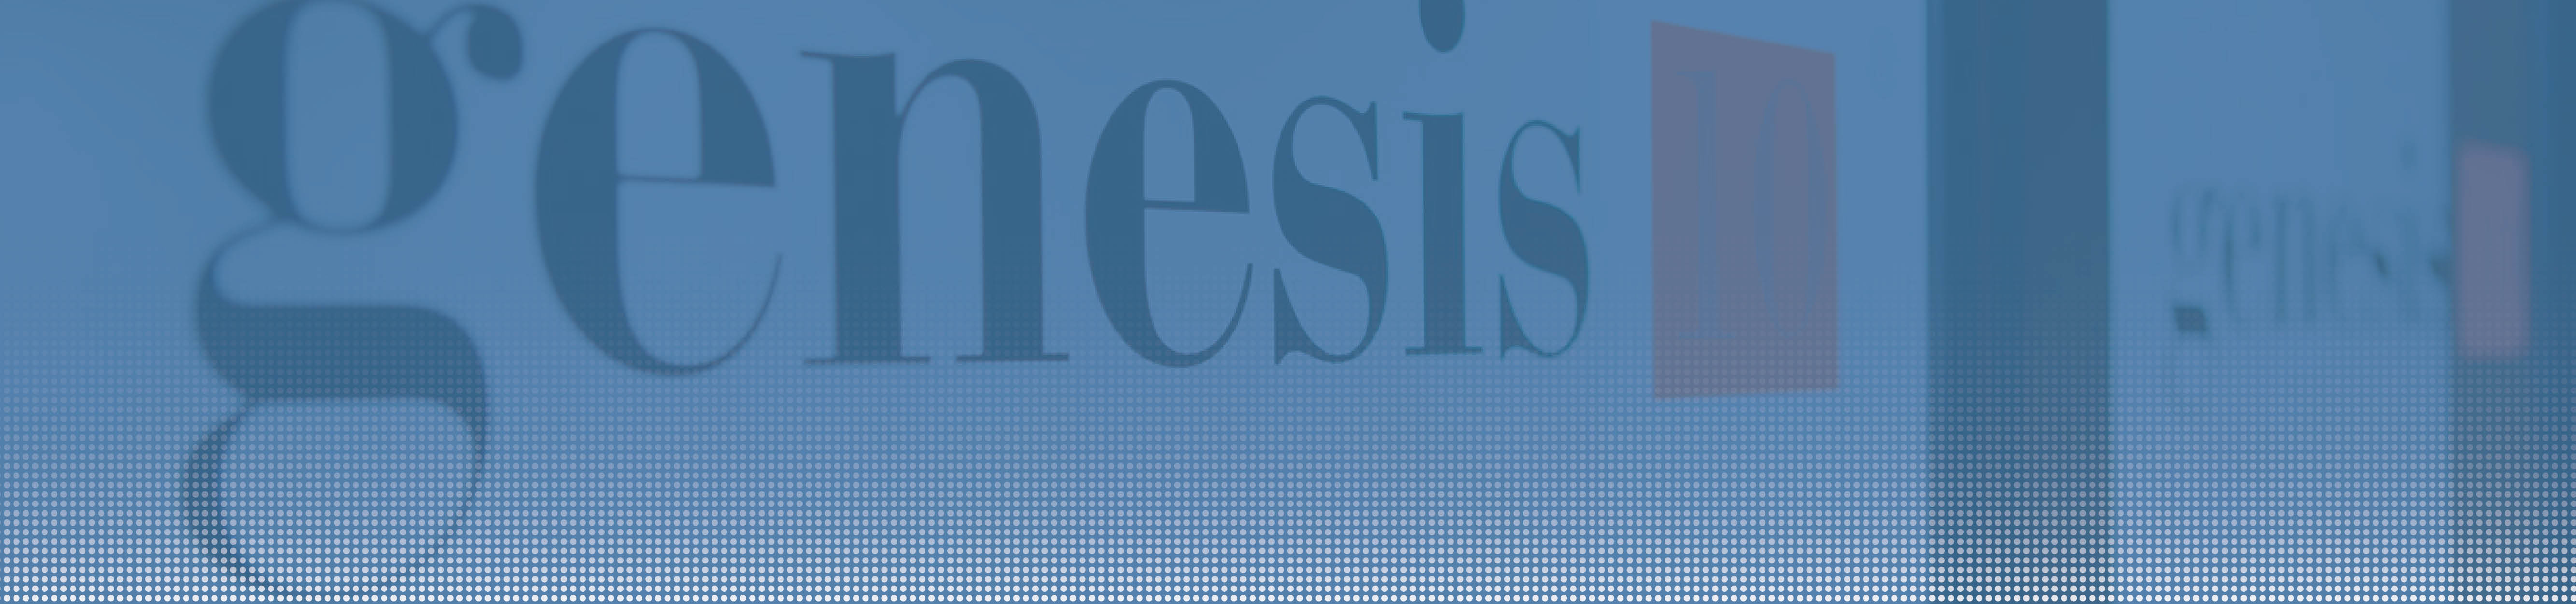 Genesis10 Blog